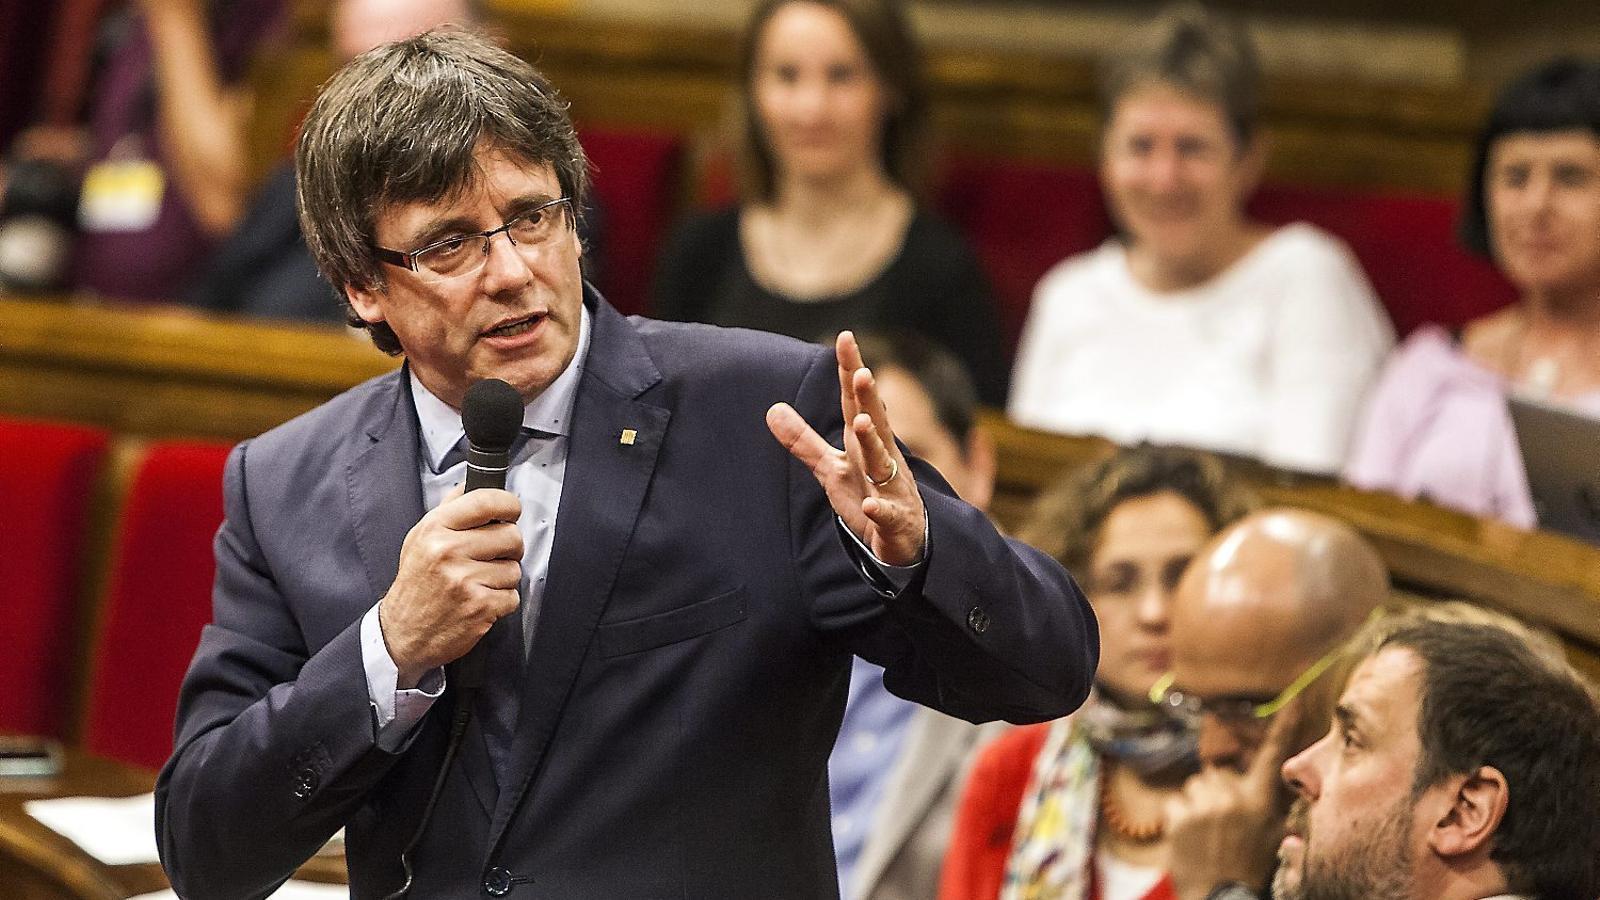 En directe des del Parlament, sessió de control al president Carles Puigdemont